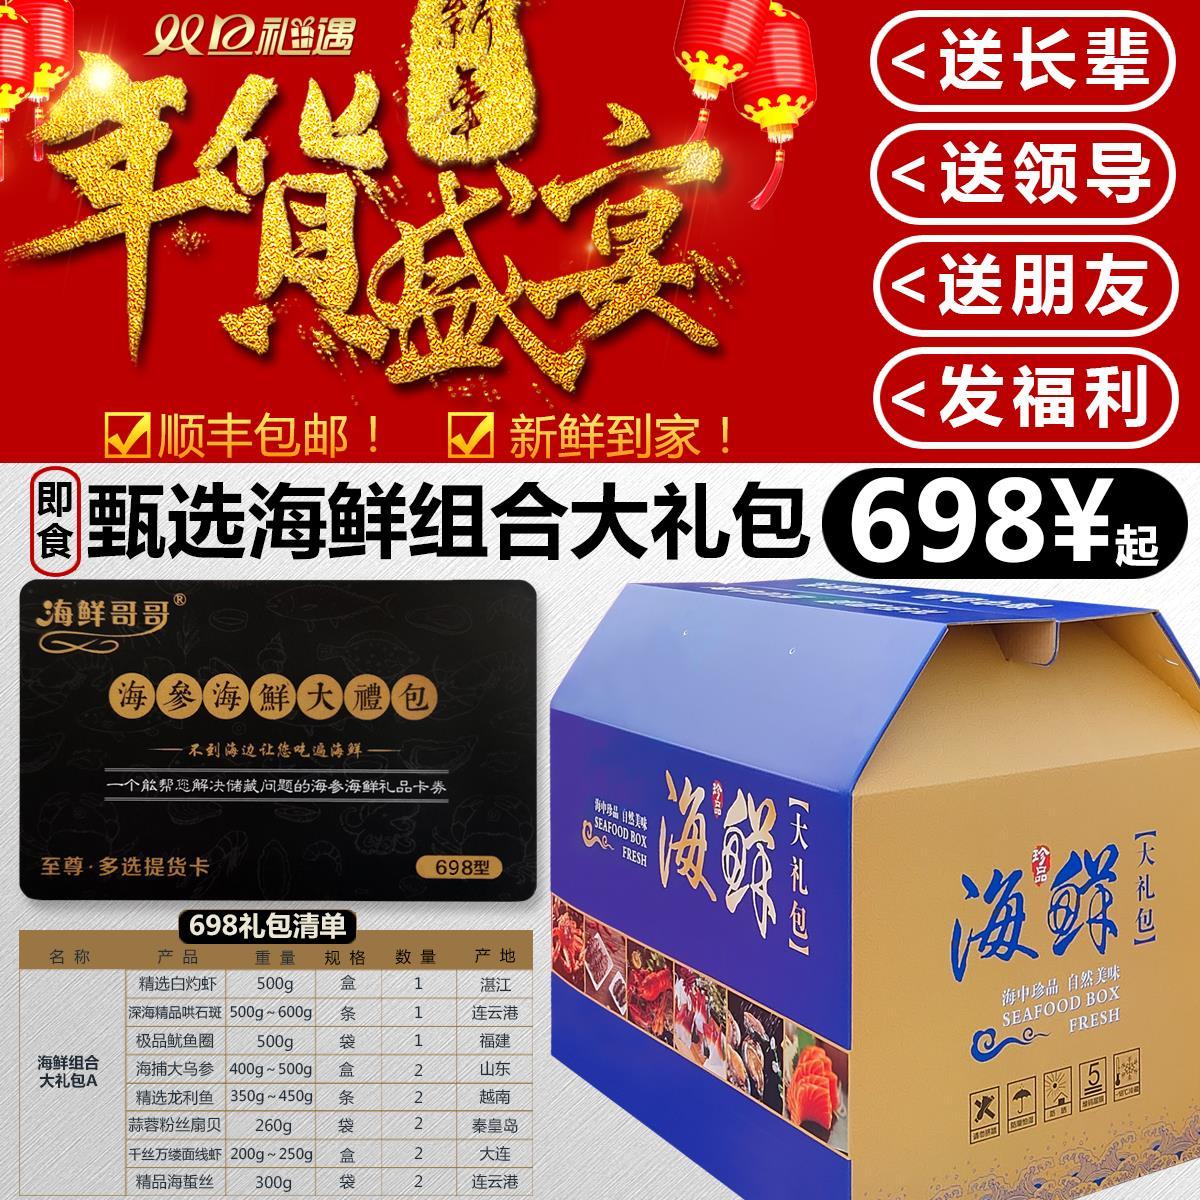 16海鲜礼盒海鲜大礼包年货置办新鲜鲜活冷冻生鲜水产海鲜套餐